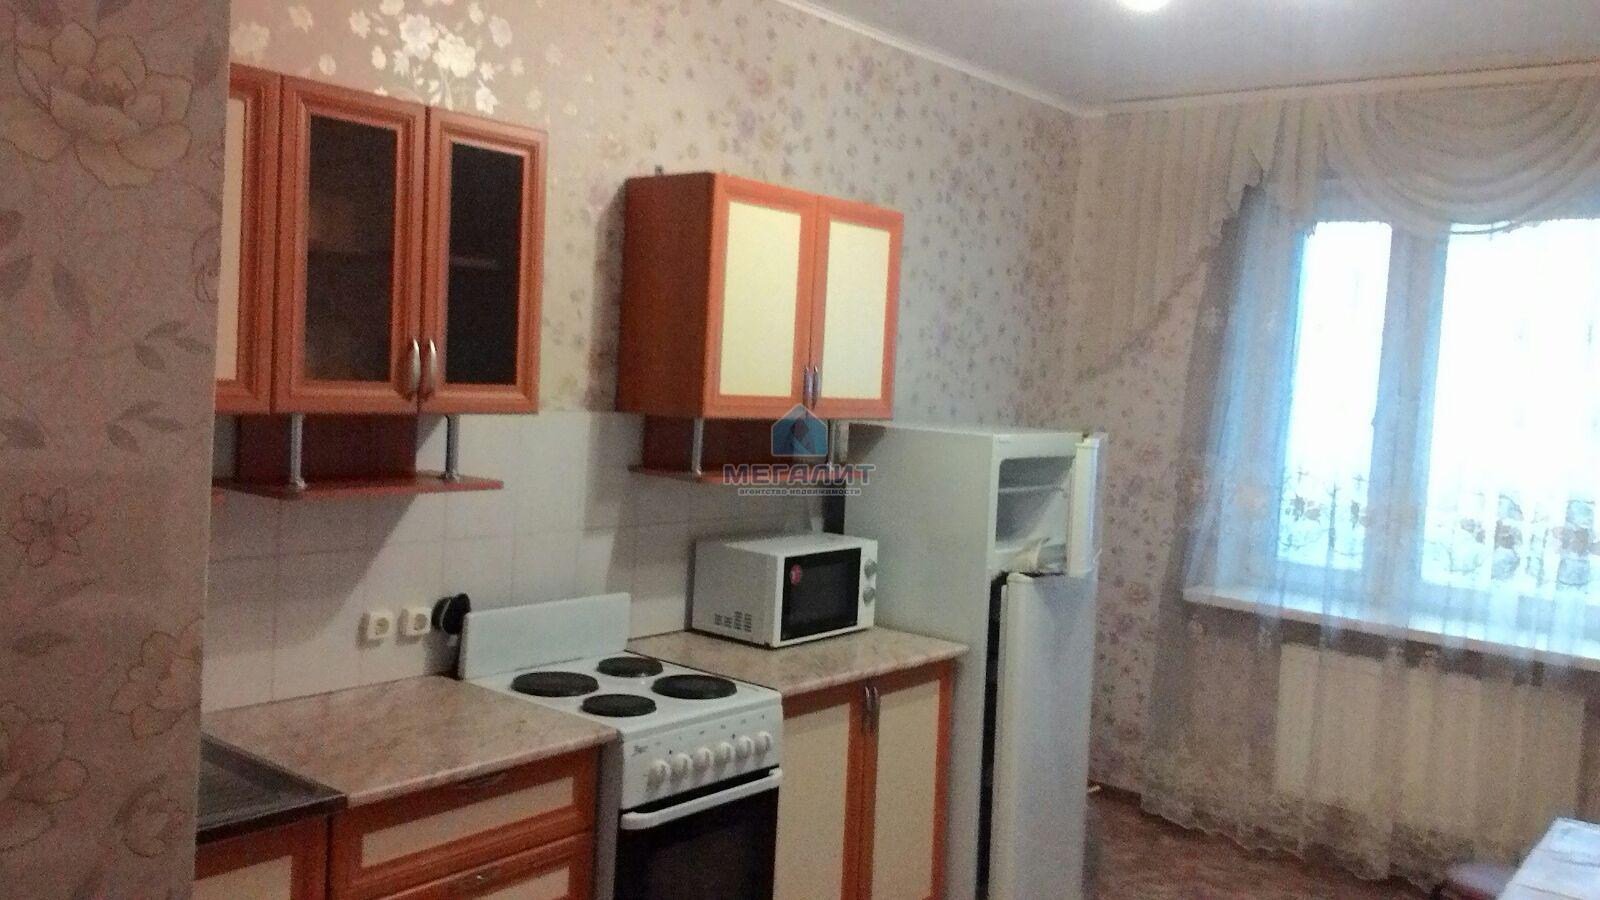 Сдается трехкомнатная квартира в Советском районе. (миниатюра №2)